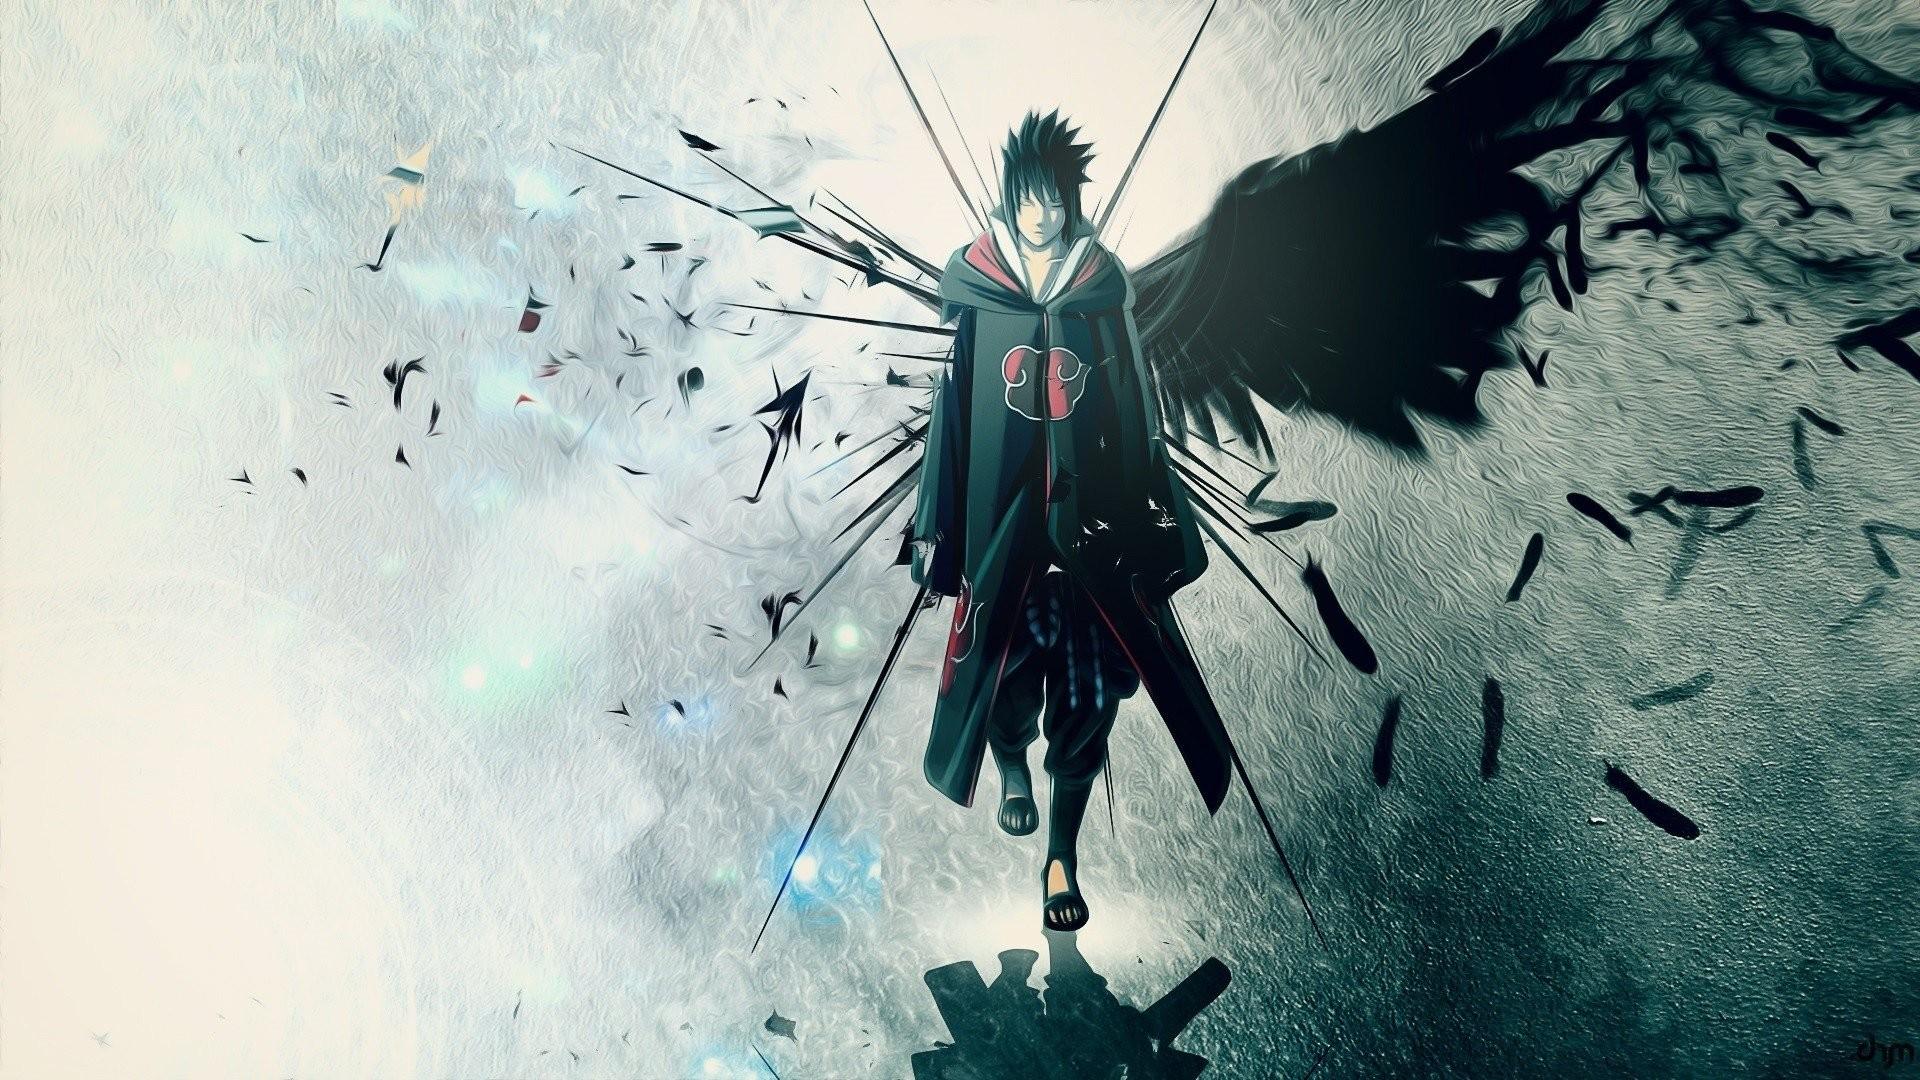 Sasuke Backgrounds 58 Images